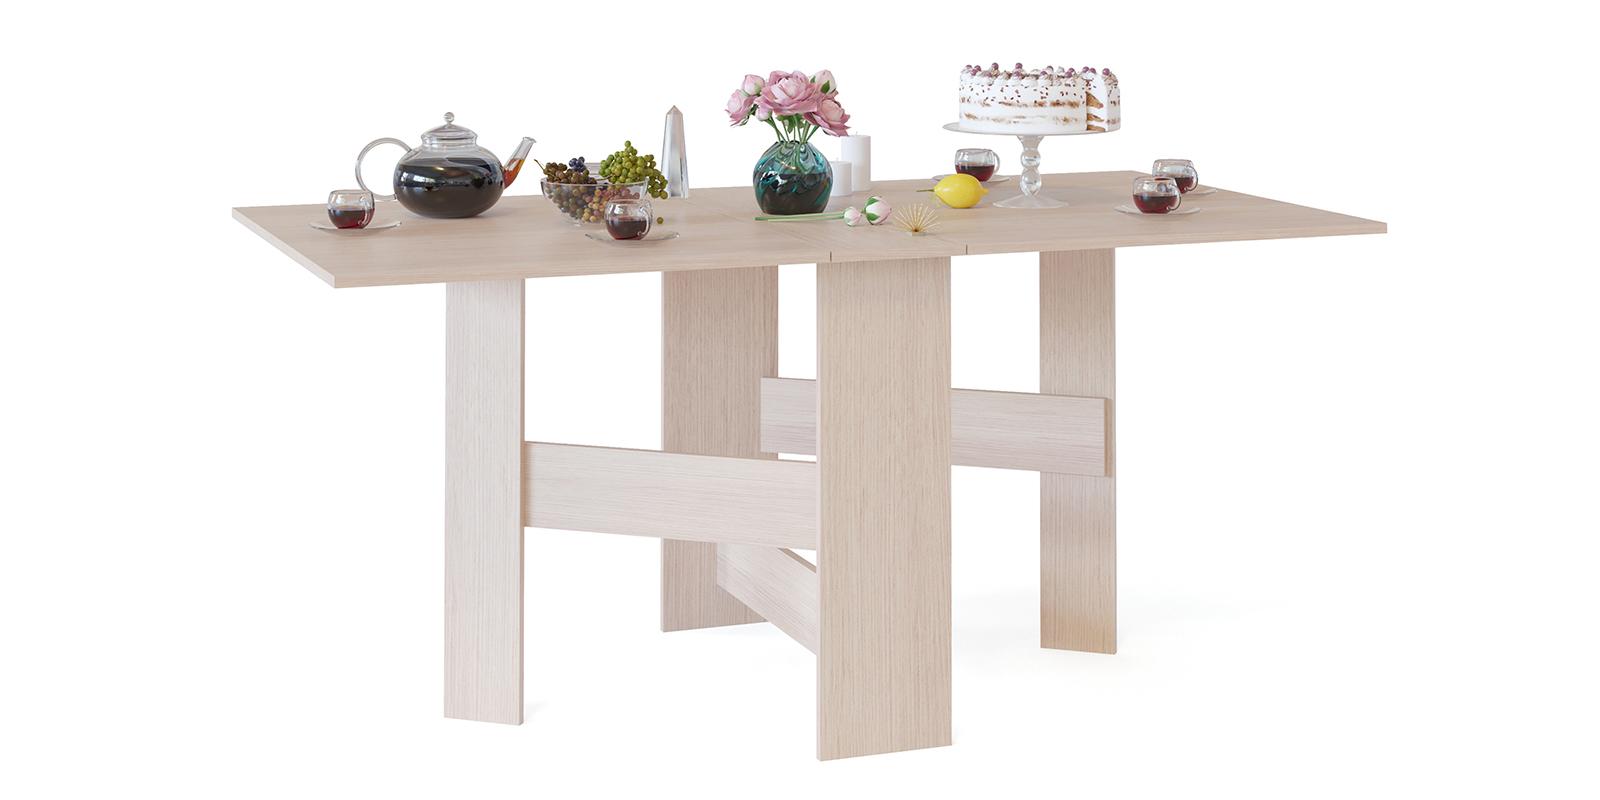 Стол обеденный Краков стол-книжка (беленый дуб) Краков